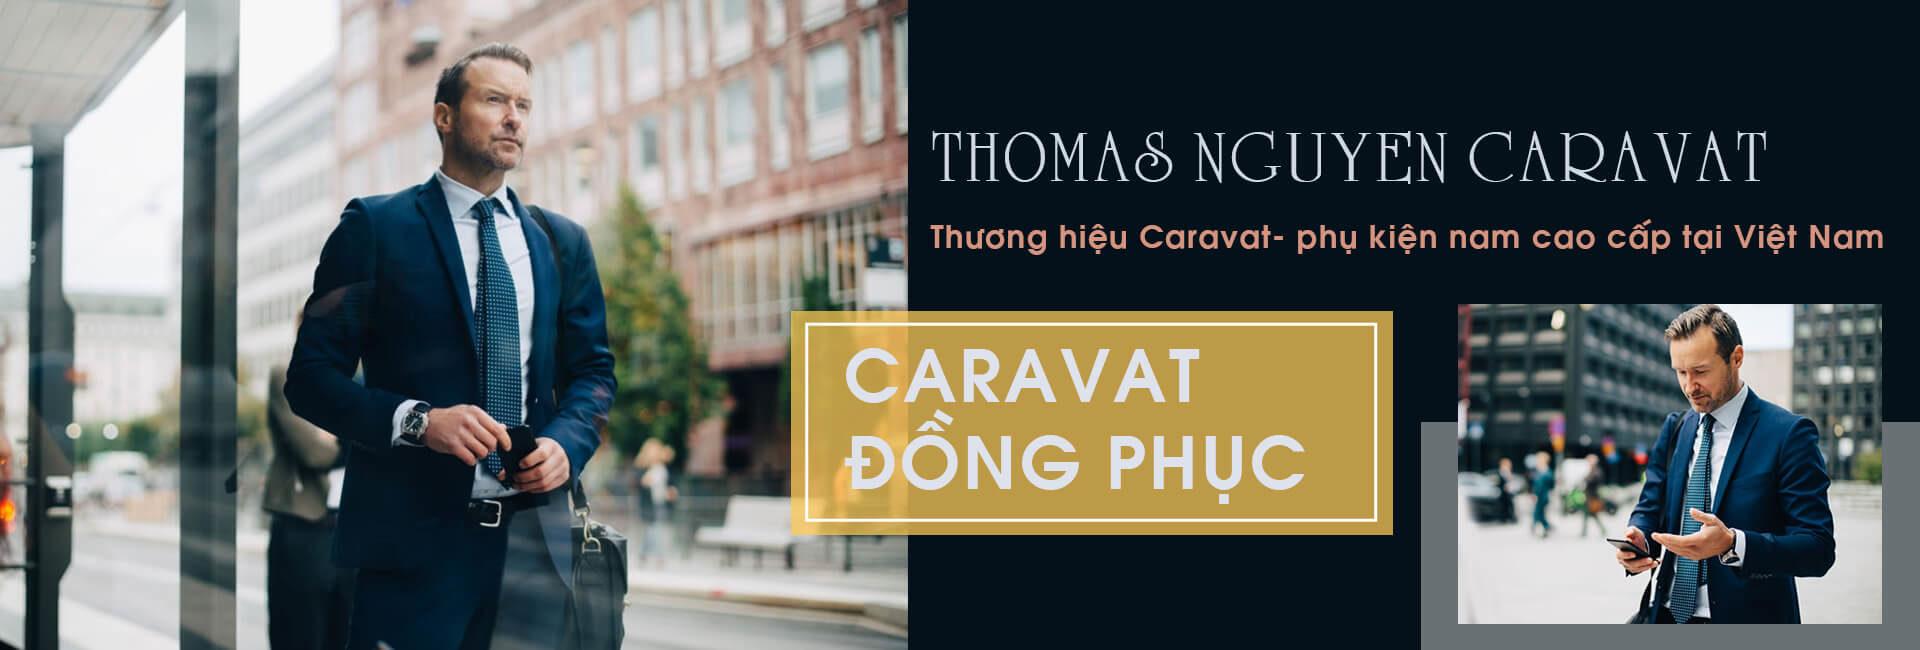 Banner may cà vạt đồng phục - Thomas Nguyen